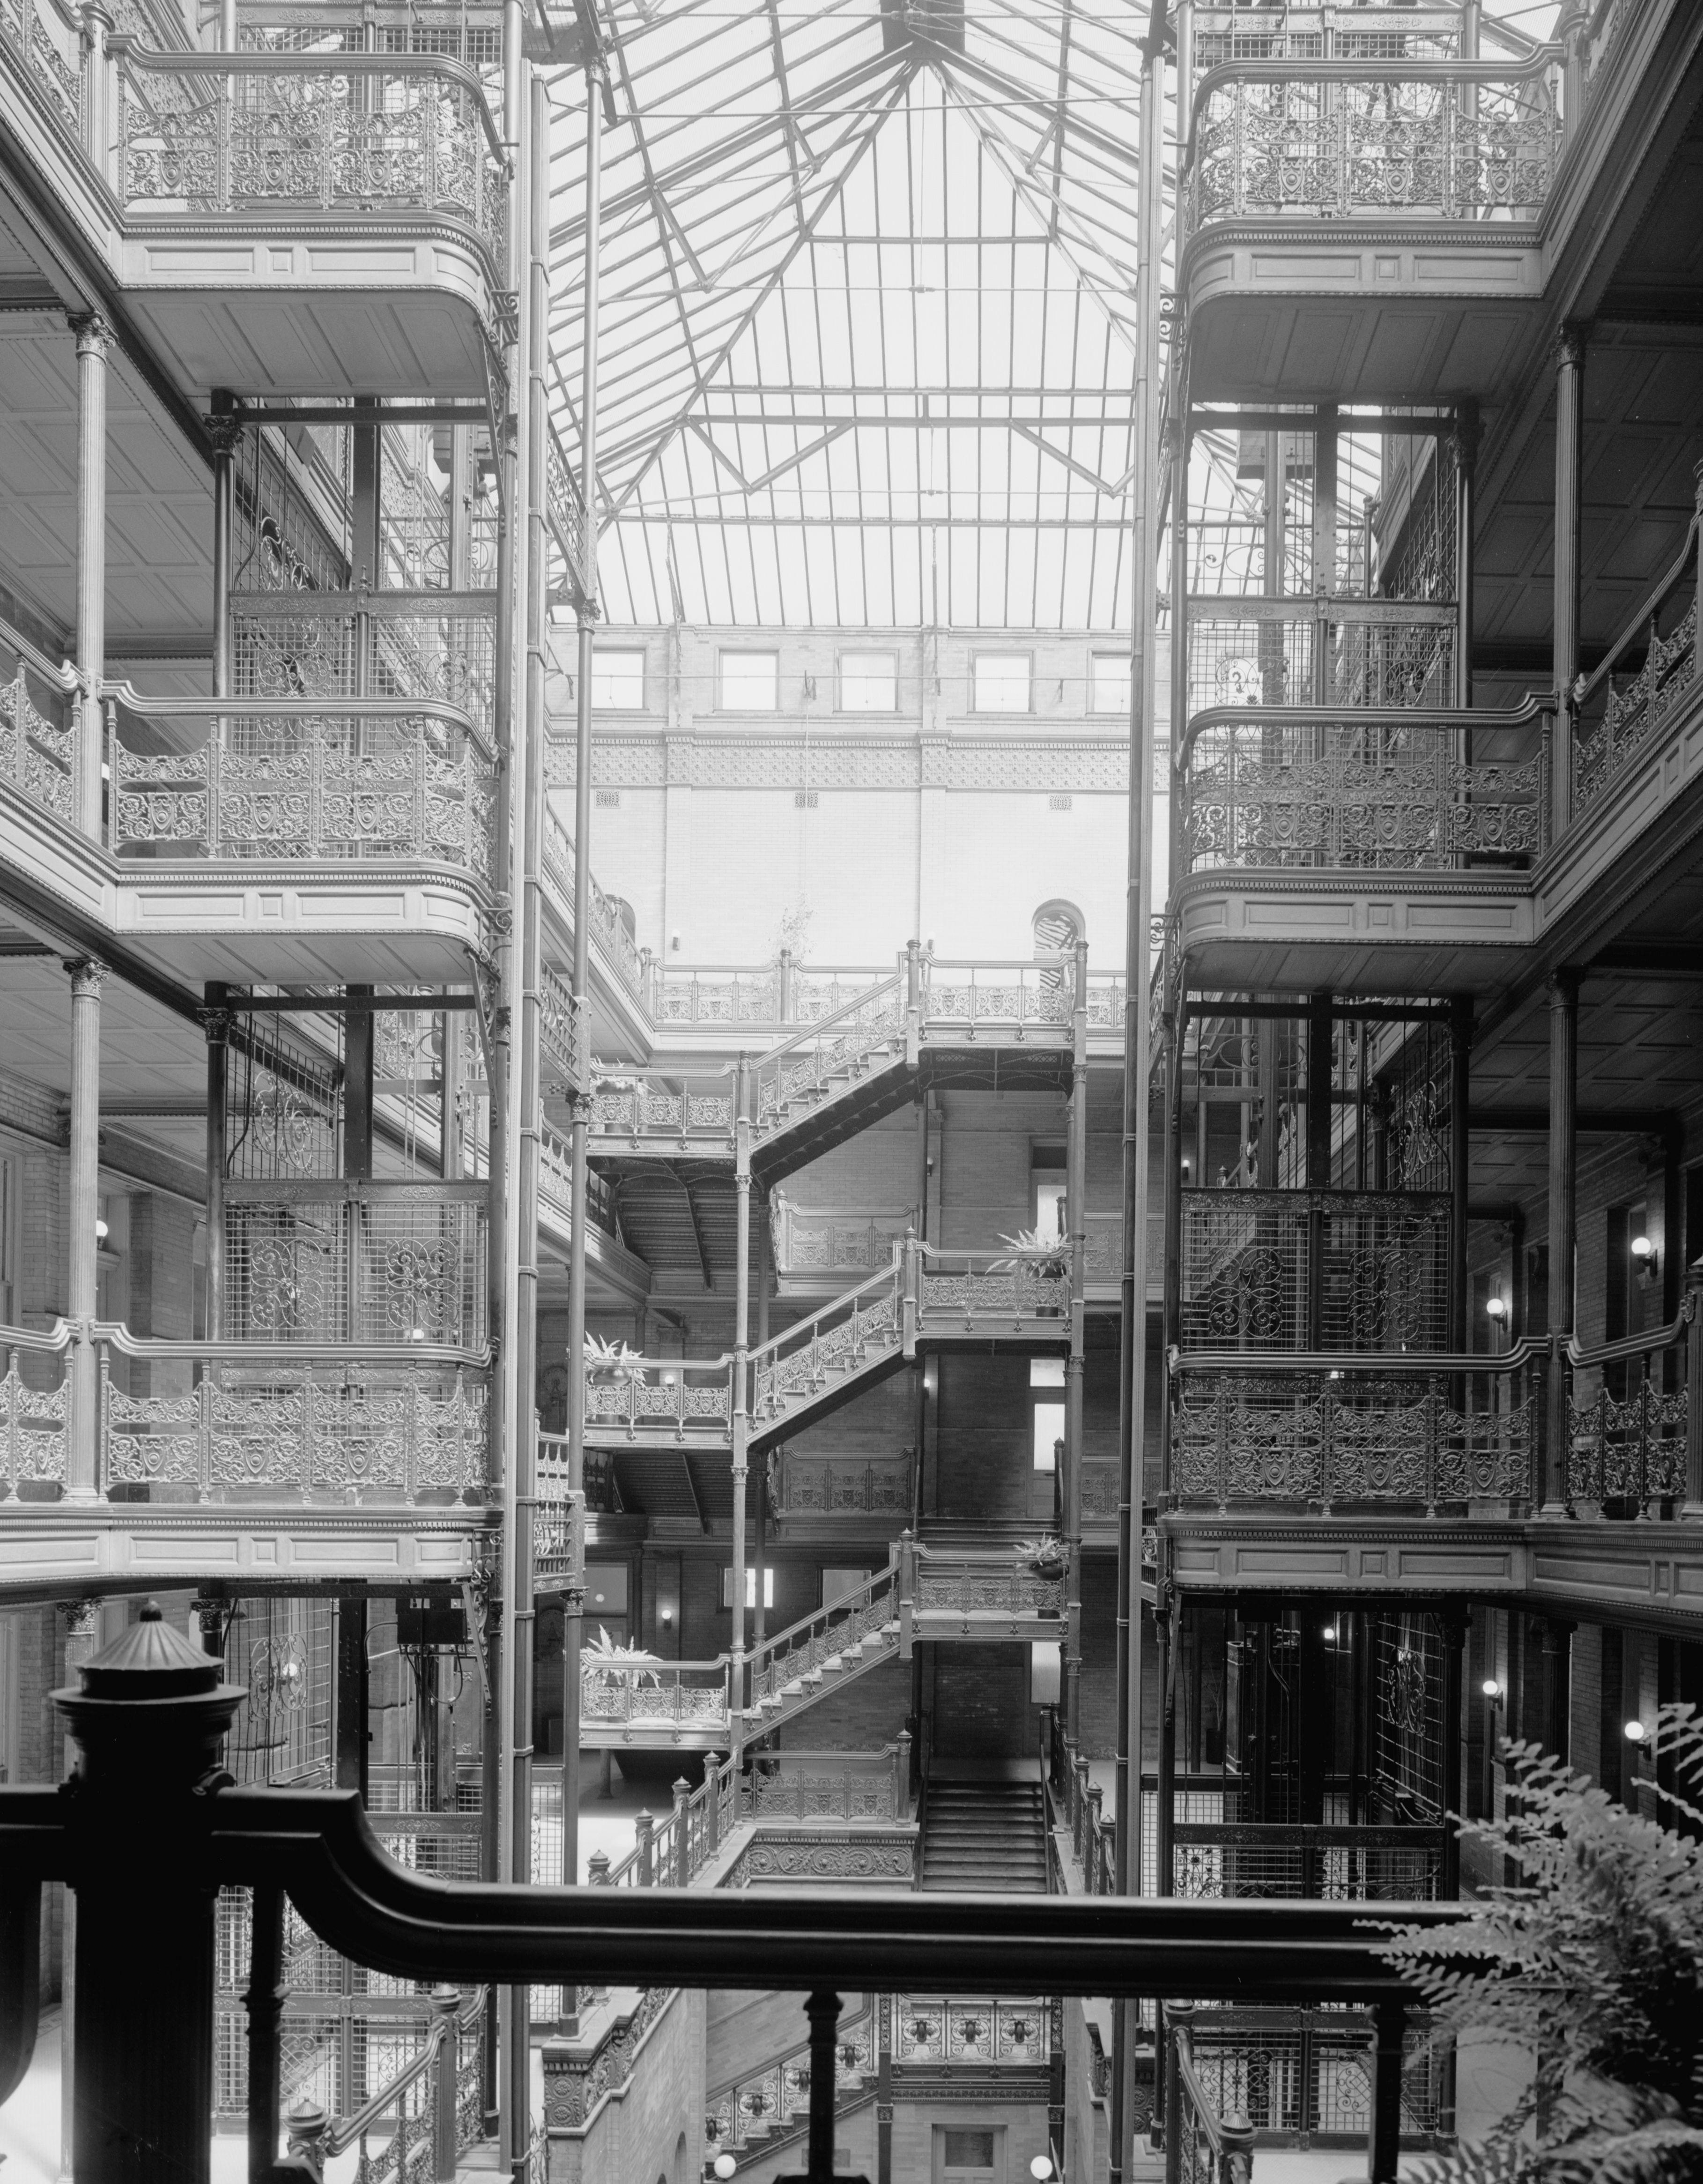 File:Bradbury Building2.jpg - Wikimedia Commons